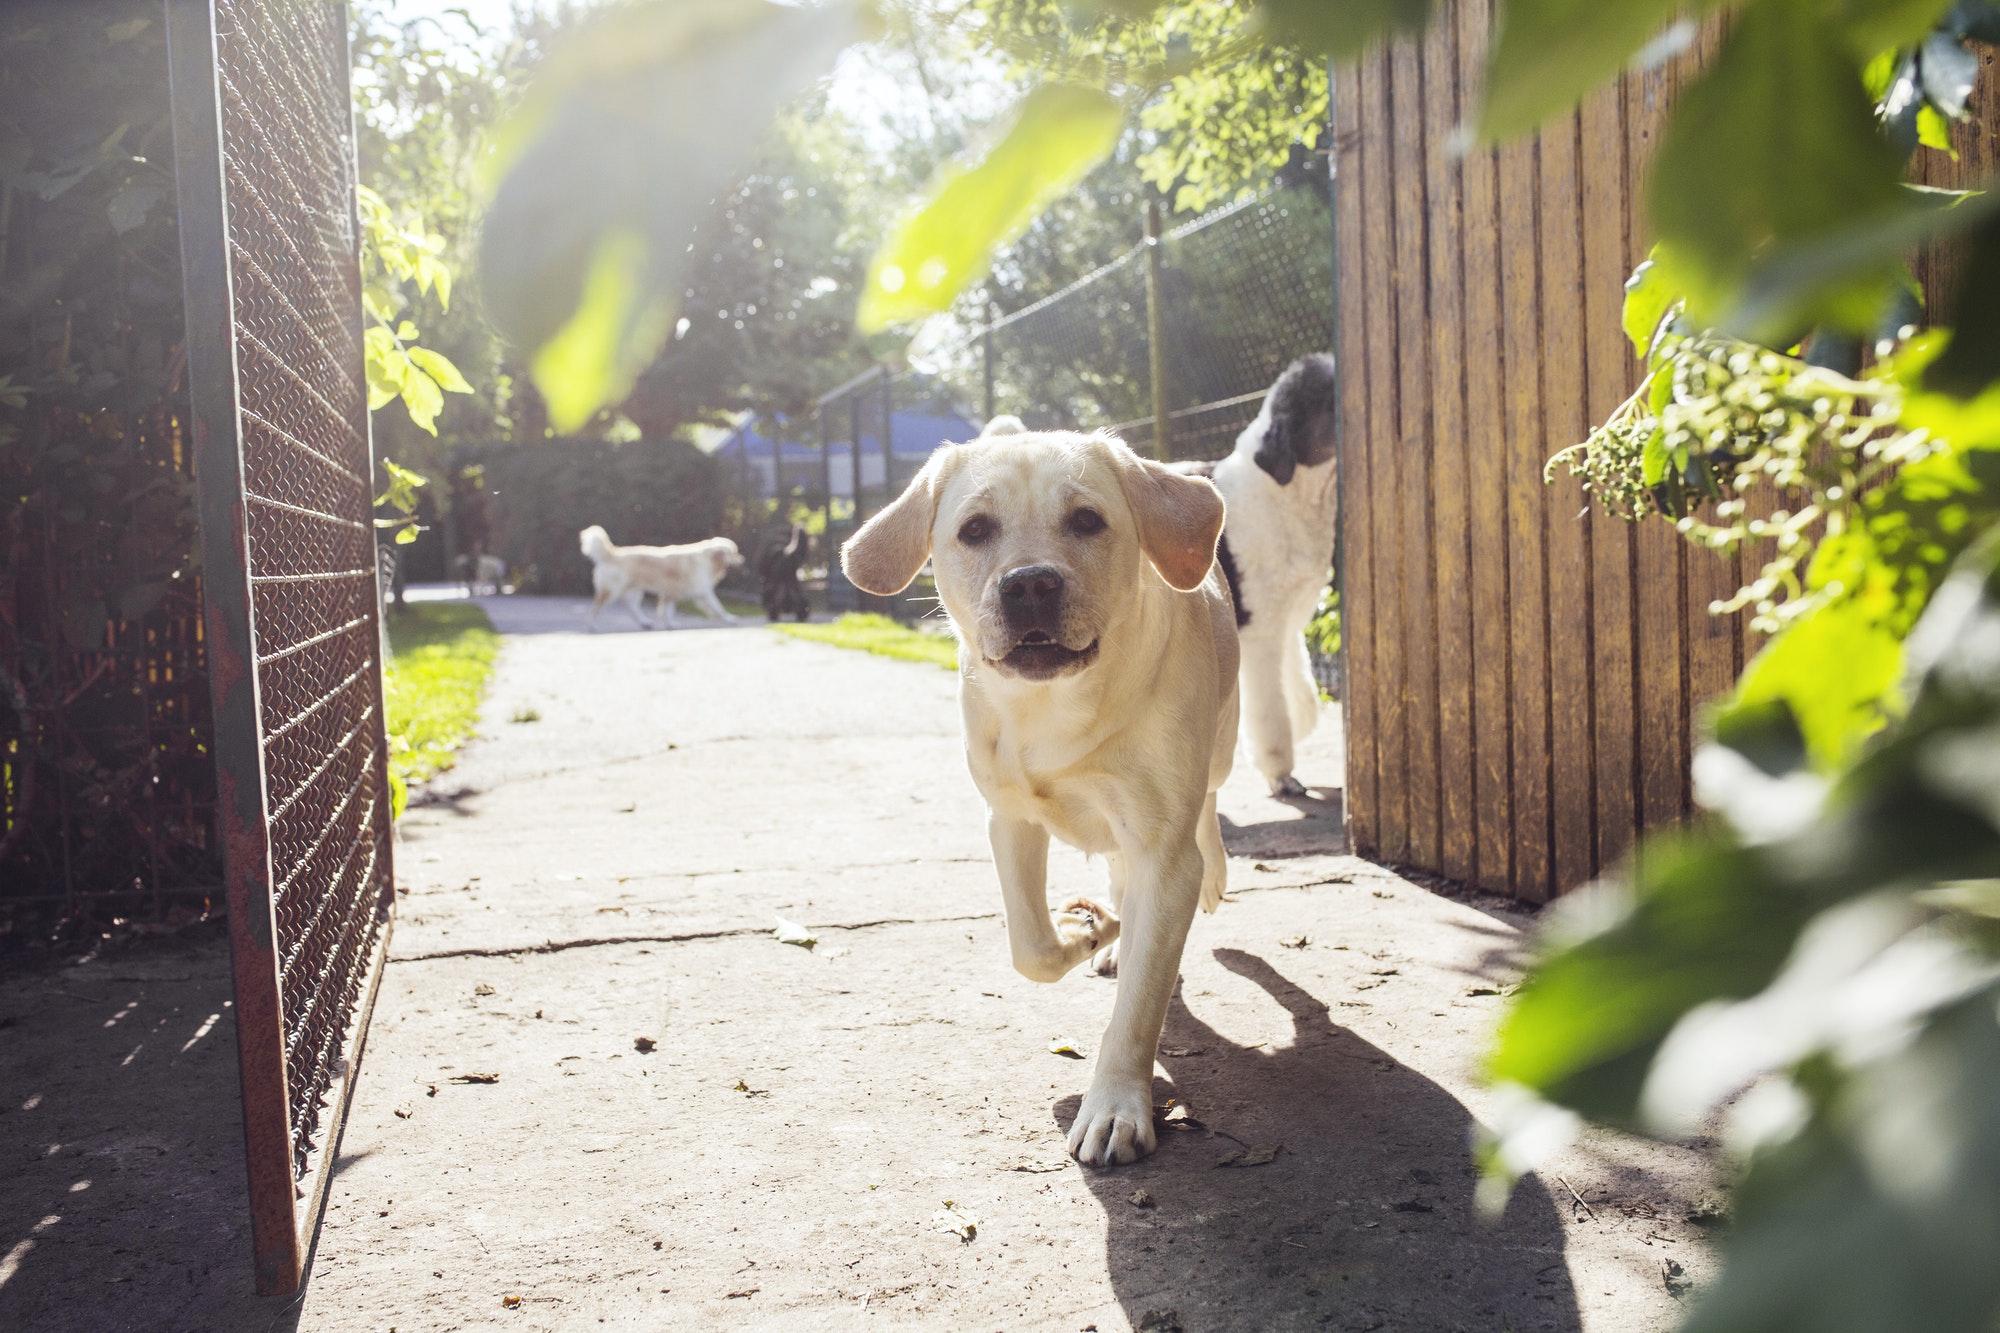 Dogs walking in park